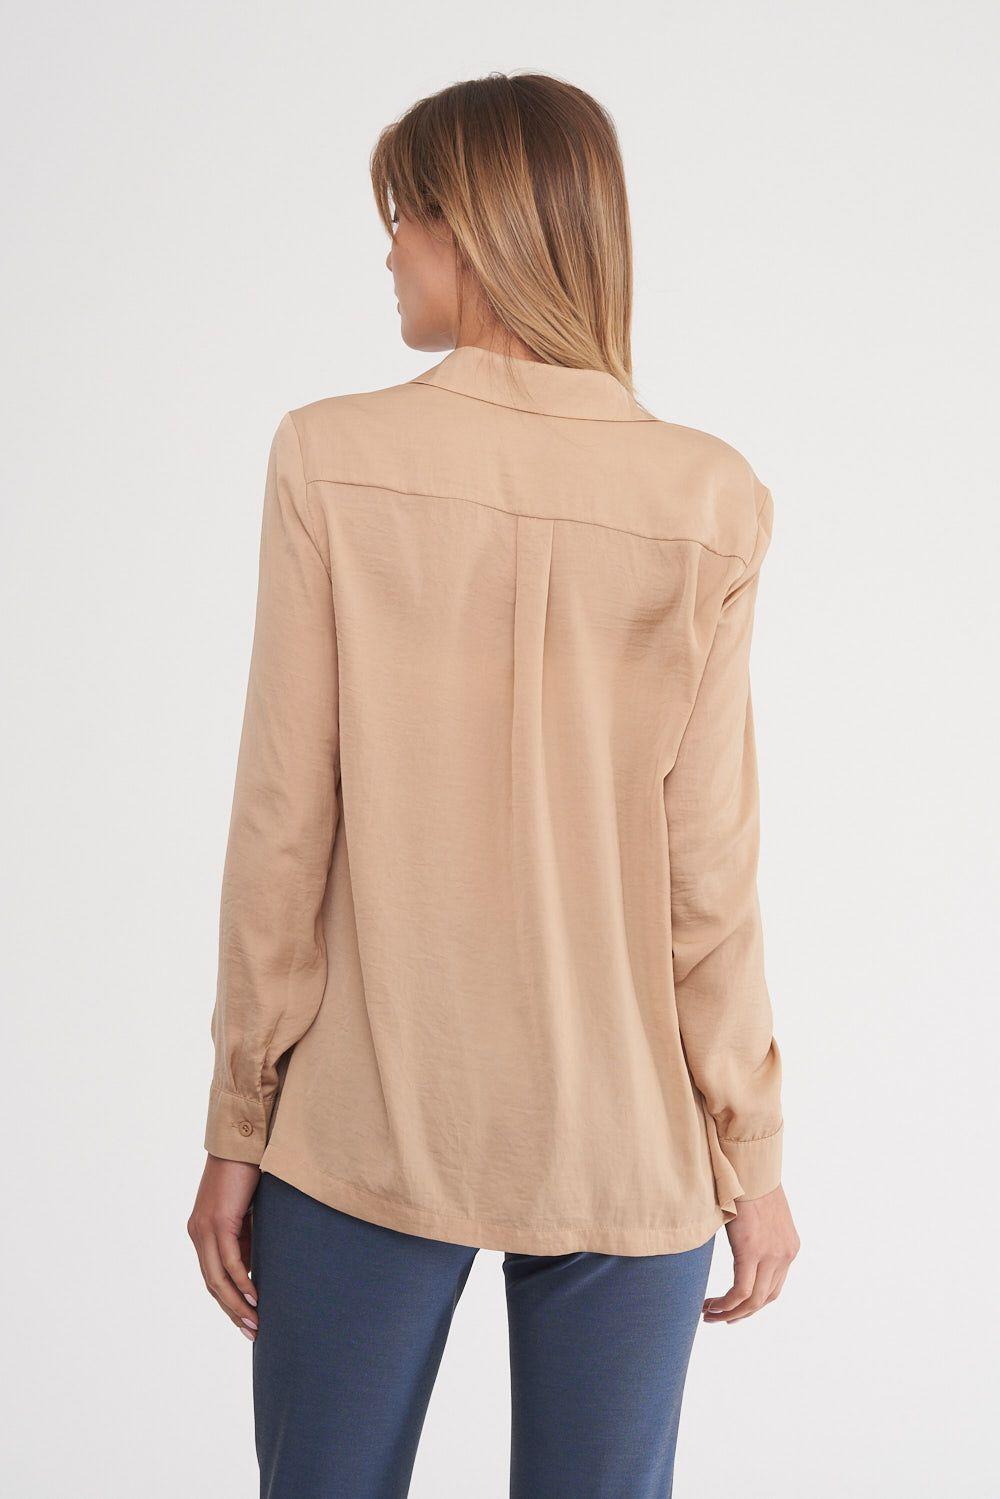 Блуза женские Natali Bolgar модель 19047MAG424 , 2017